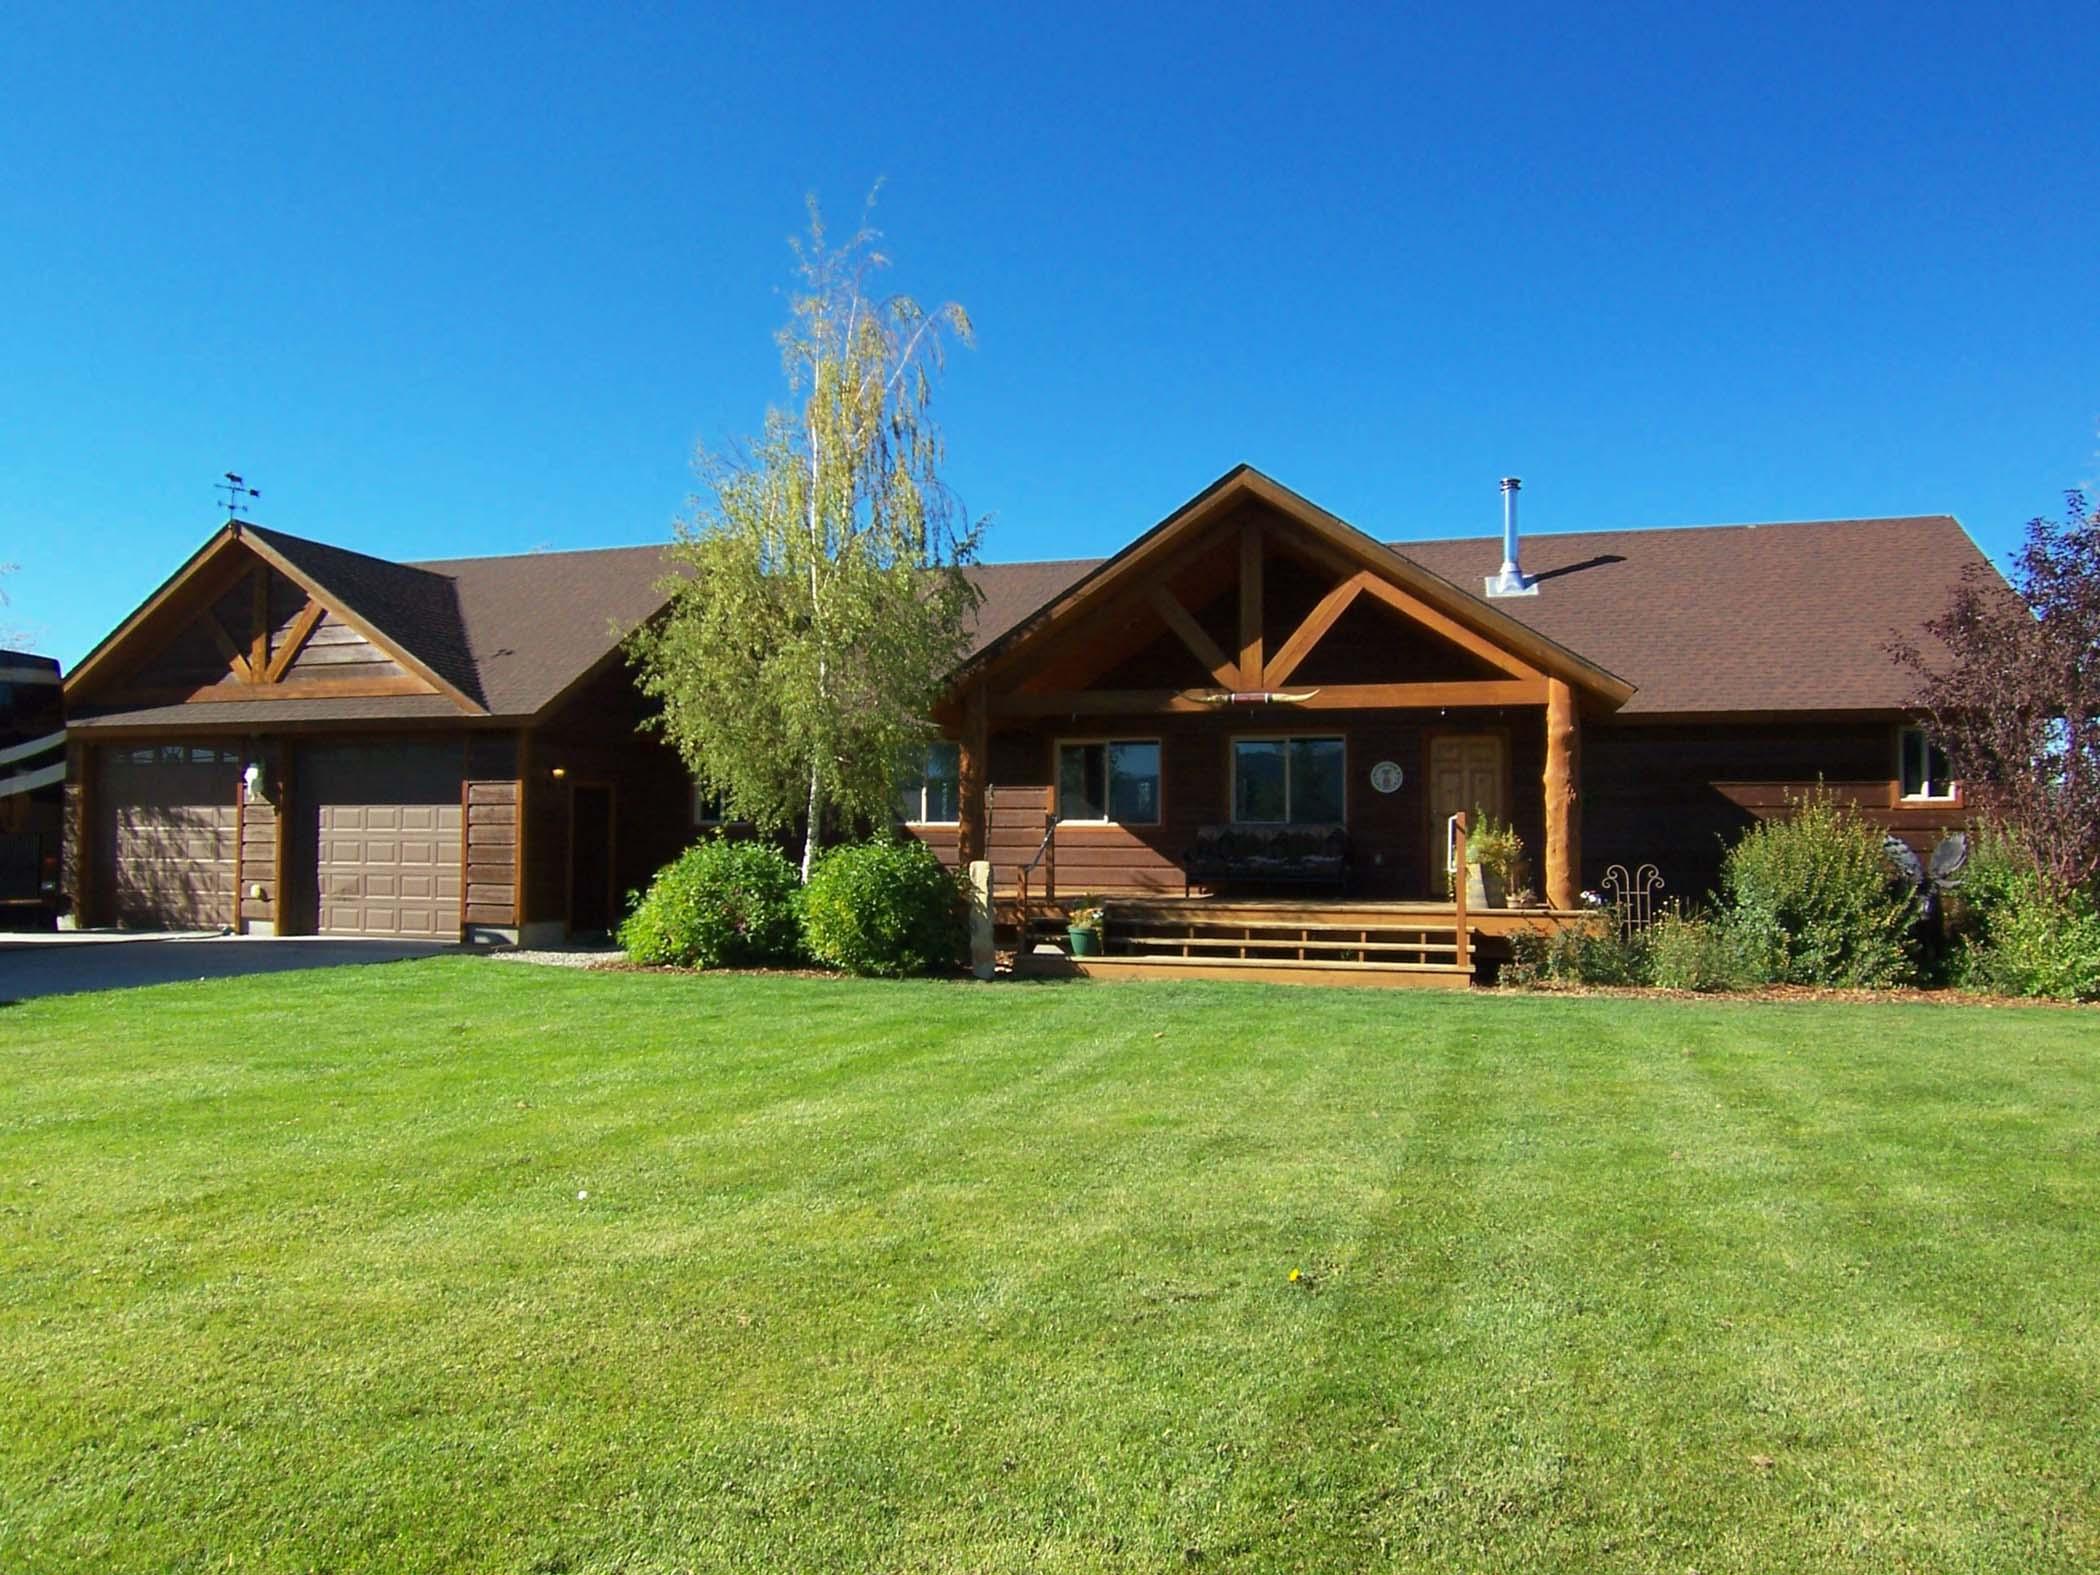 独户住宅 为 销售 在 Victor Home and 3 Stall Barn on 5 acres 1690 Proudfoot Lane 维克多, 爱达荷州, 83455 Jackson Hole, 美国